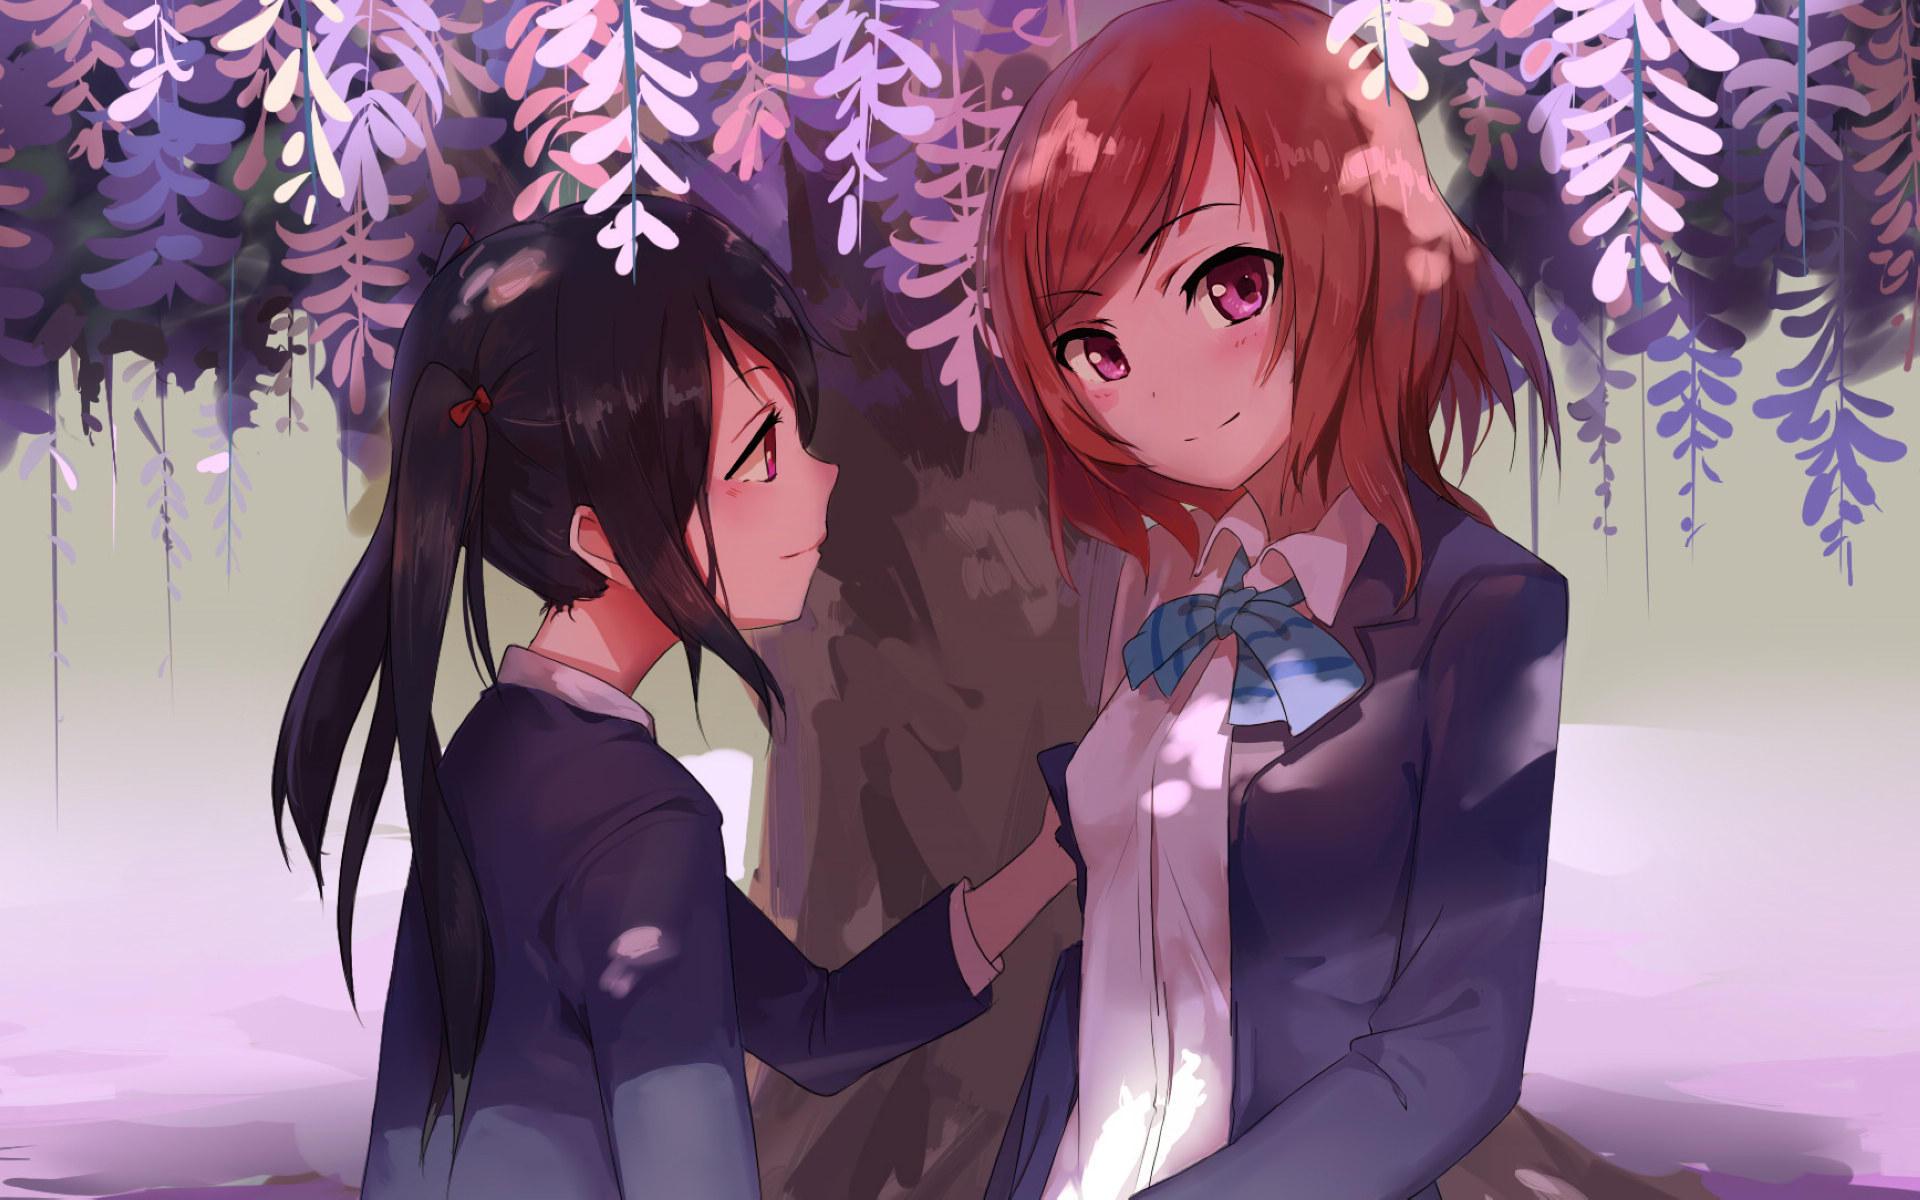 好看的Love Live!日本动漫高清图片合集电脑桌面壁纸下载